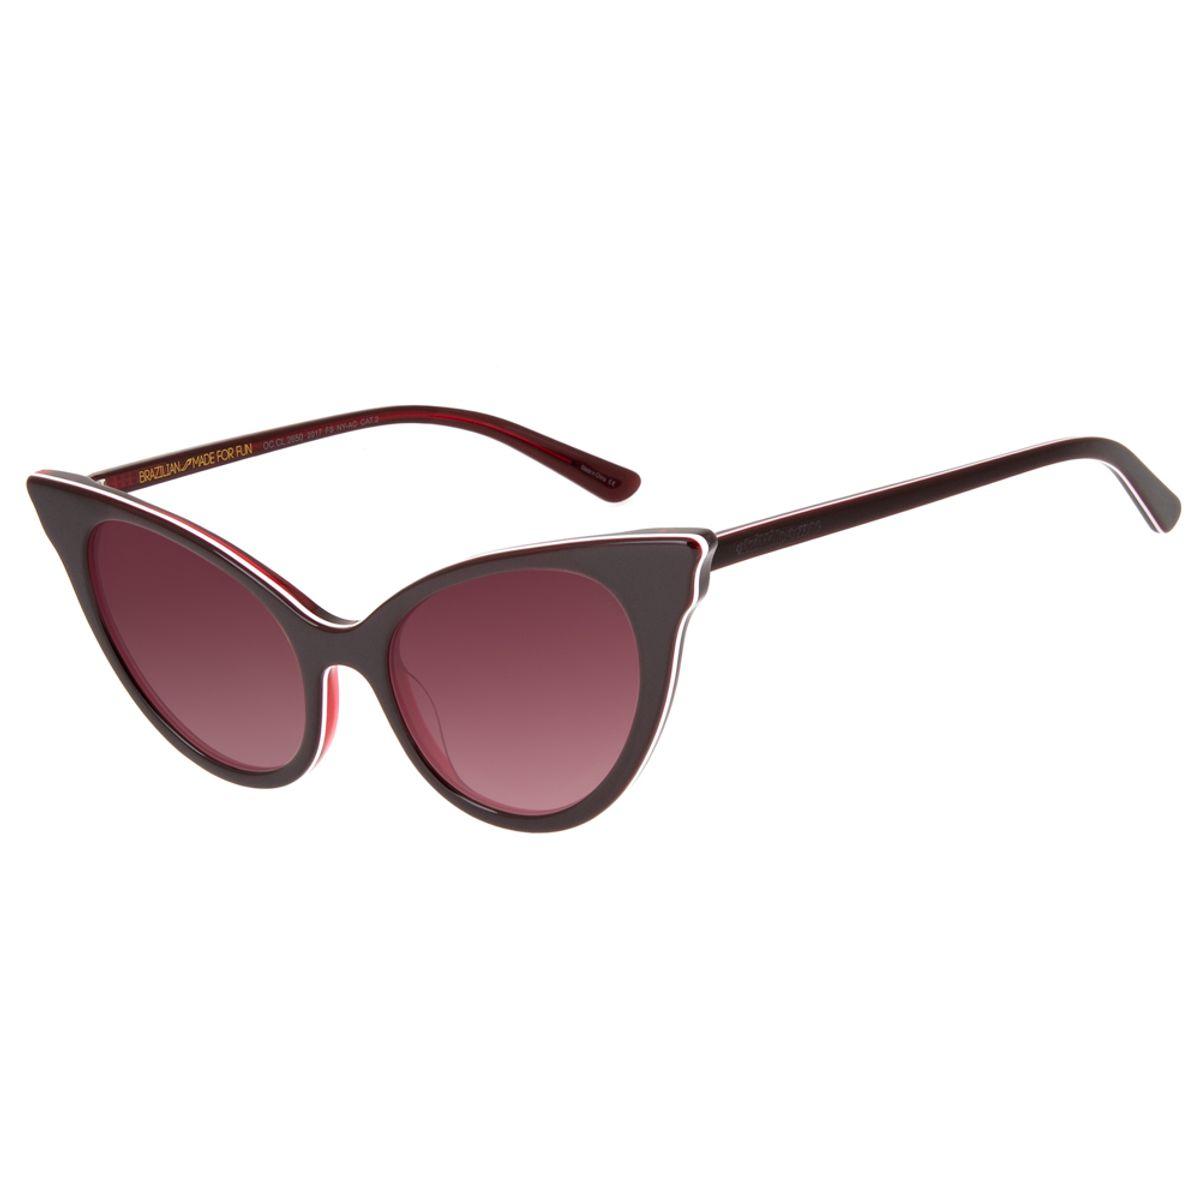 d7adcbaed Óculos de Sol Chilli Beans Feminino Gatinho Asas Vinho 2650 - Chilli ...